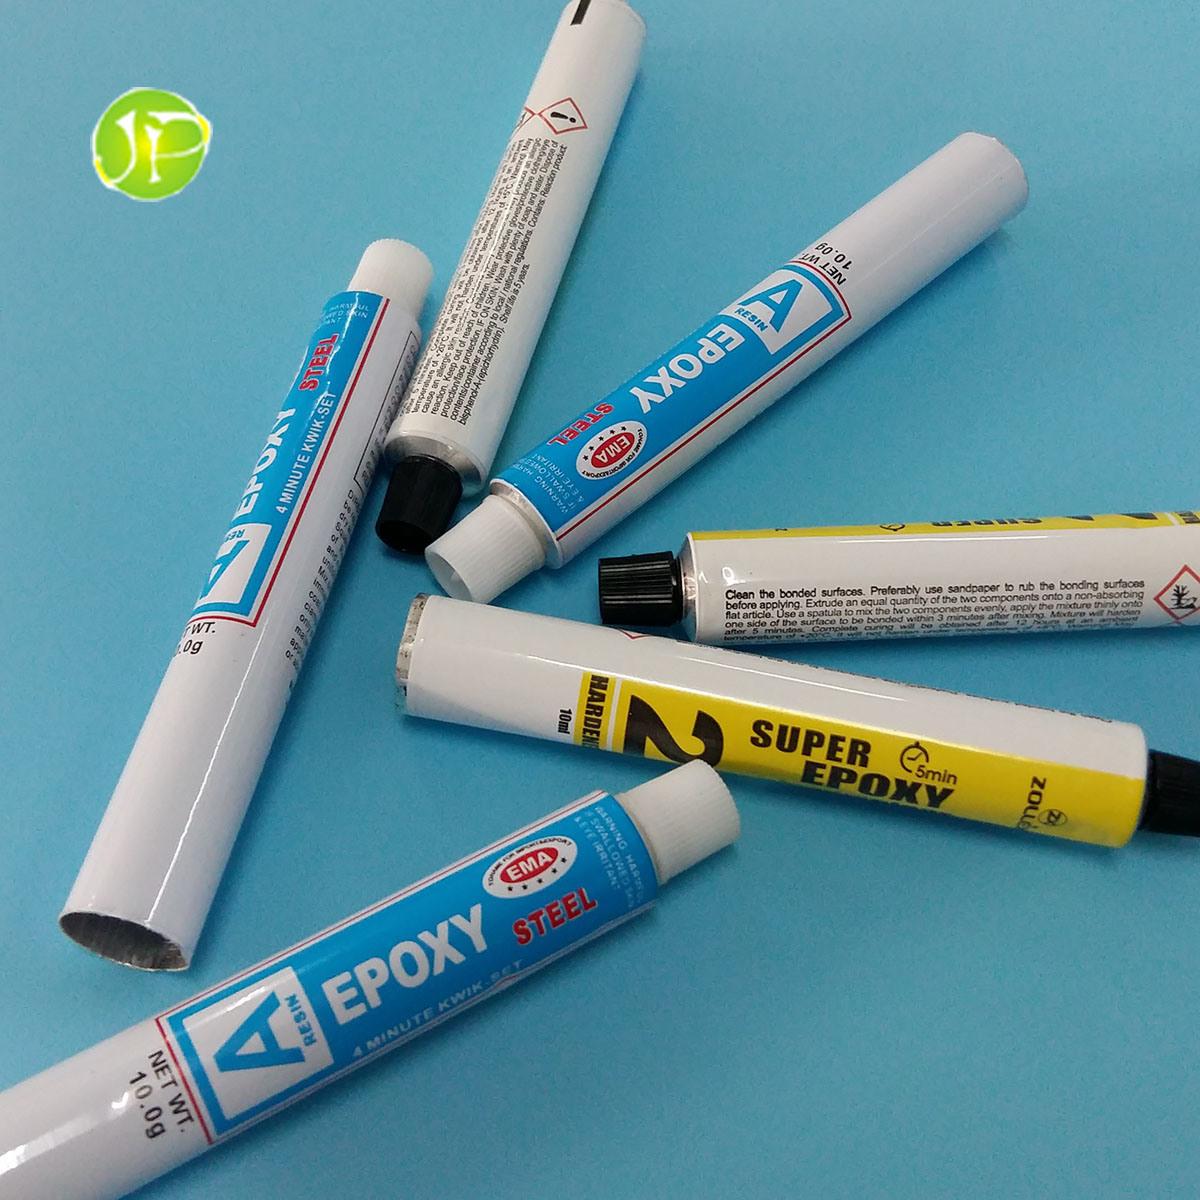 Epoxy Glue Tubes Aluminum Collapsible Tubes Adhesive Tubes Packing Tubes